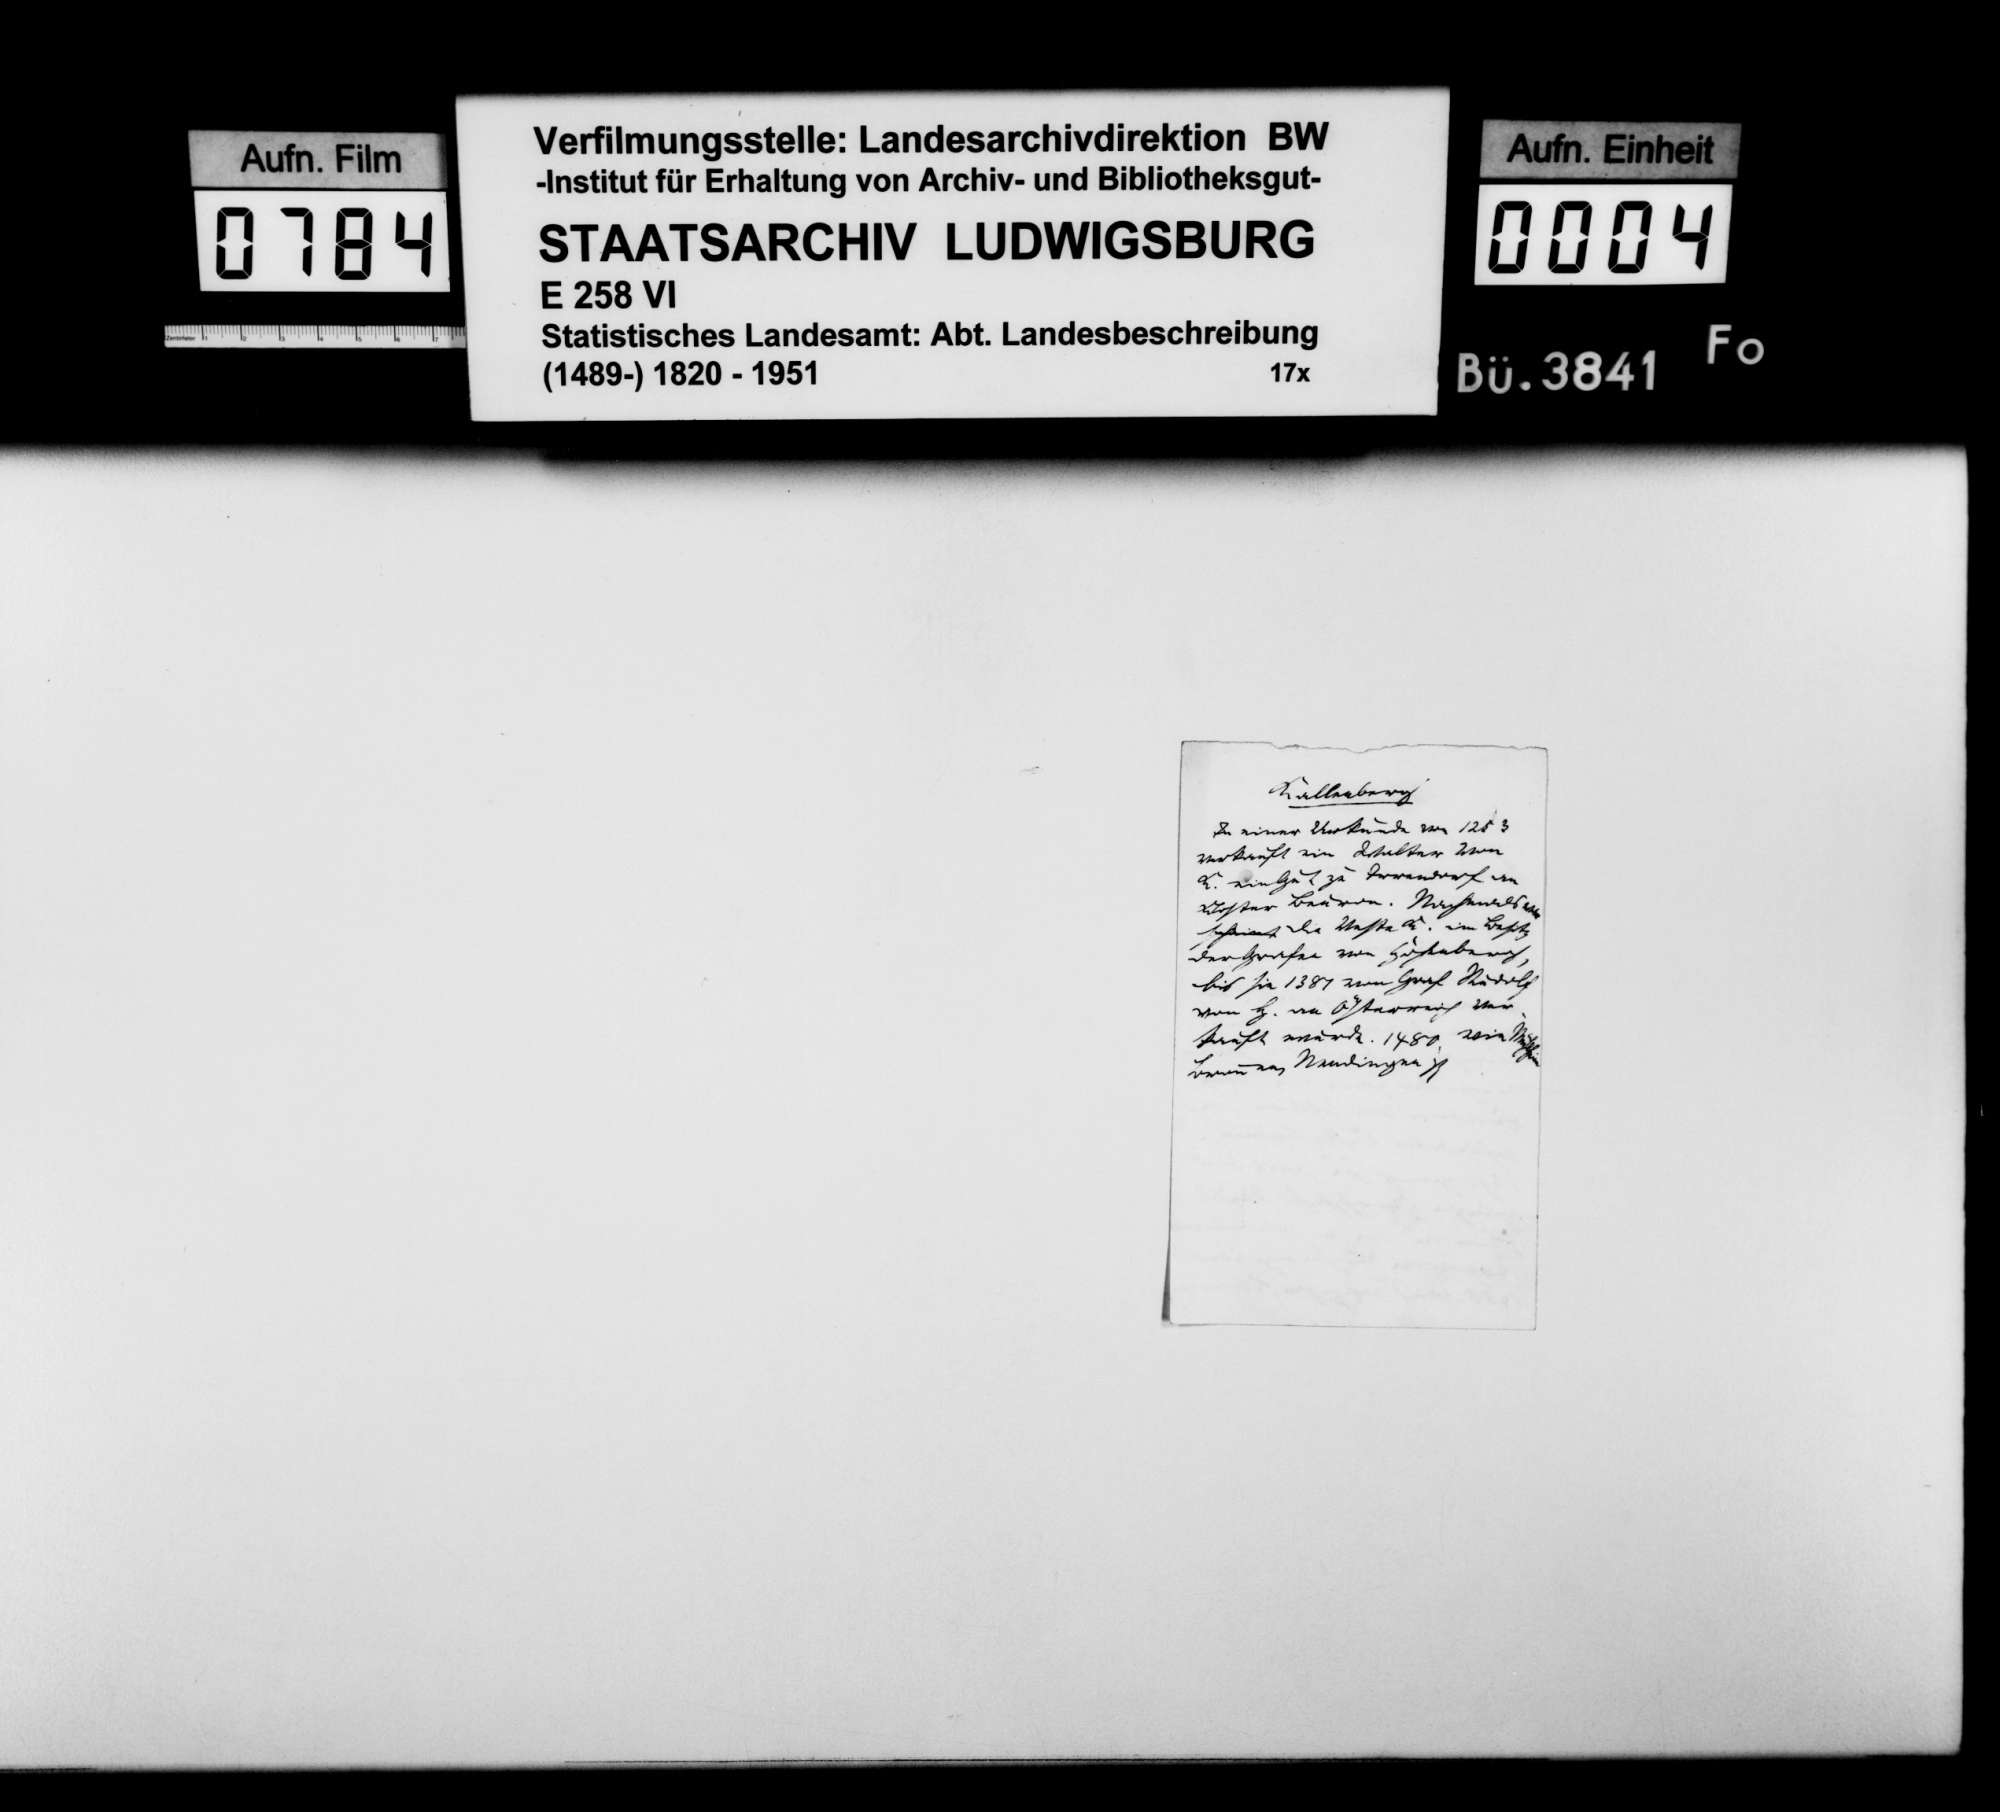 Notizen und Regesten zu Bronnen, Rietheim, Mühlheim, auch Kallenberg und Werenwag [Ghgt. Baden] sowie Auszüge aus einem Repertorium zu diversen Oberamtsorten, Bild 3